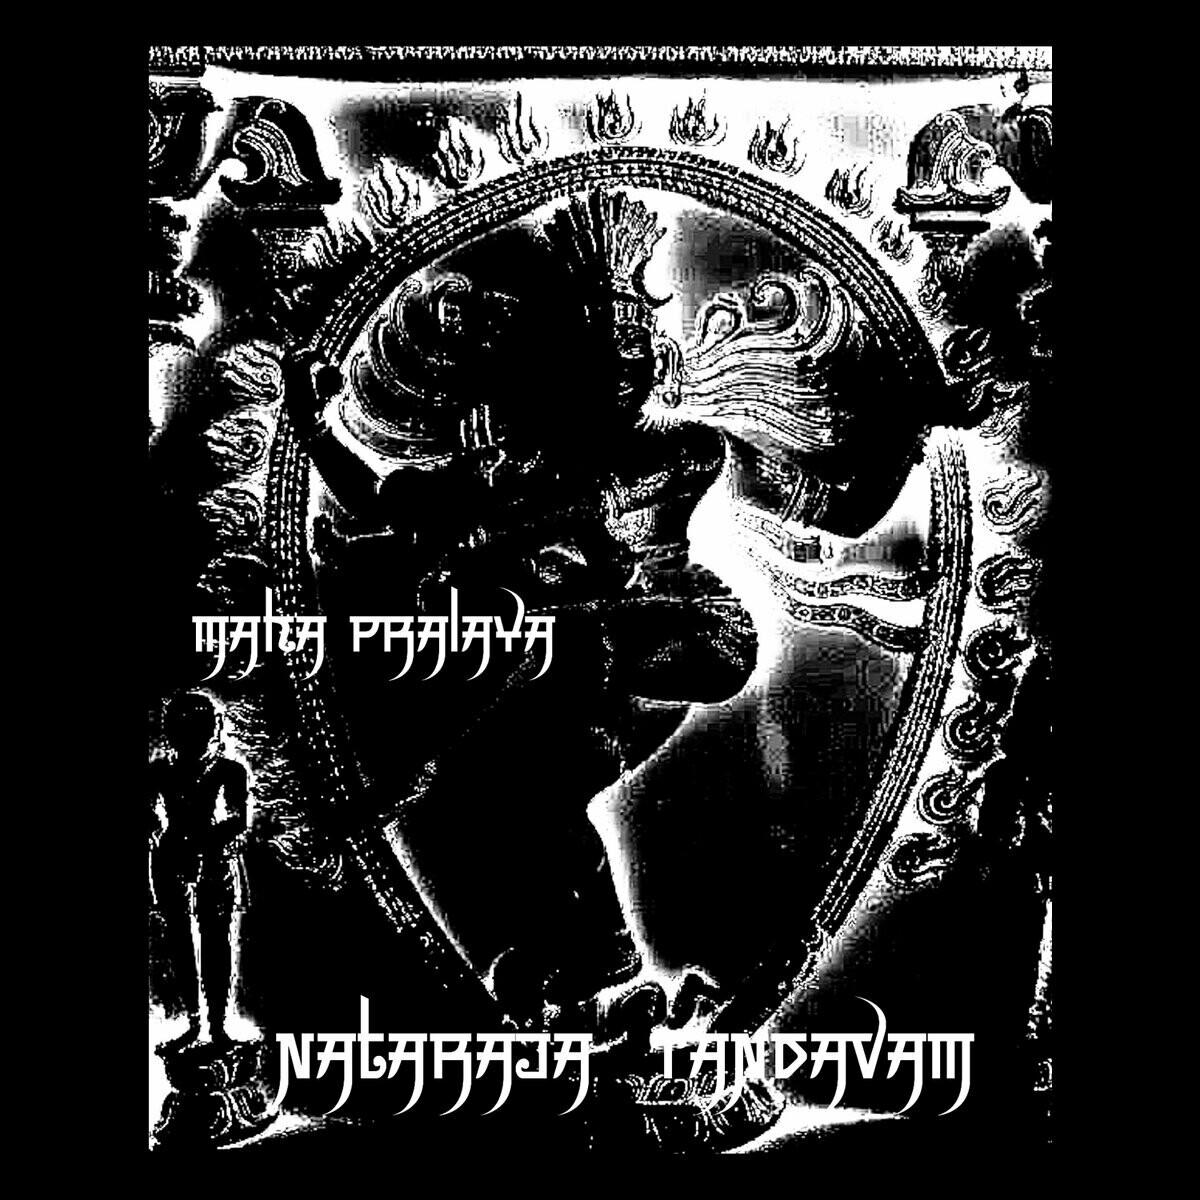 """Maha Pralaya """"Nataraja Tandavam"""